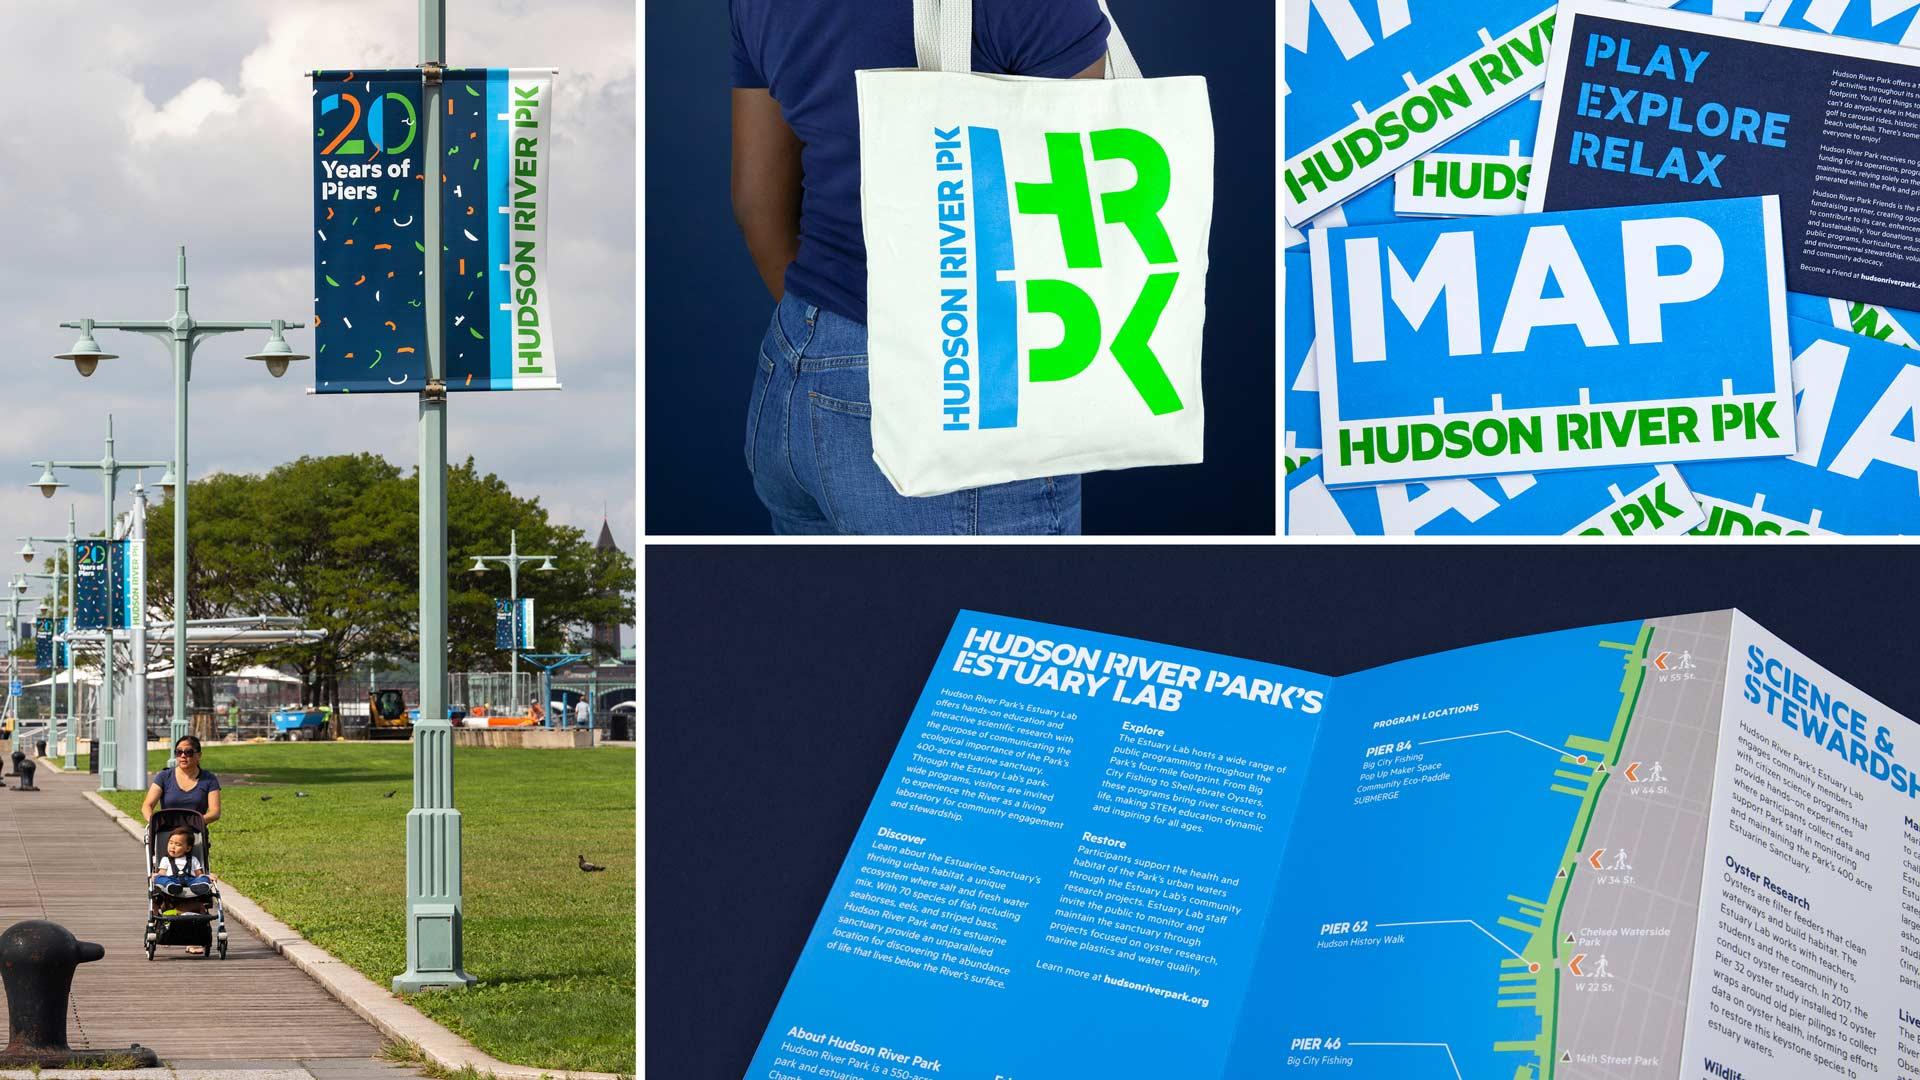 hudson river park signage